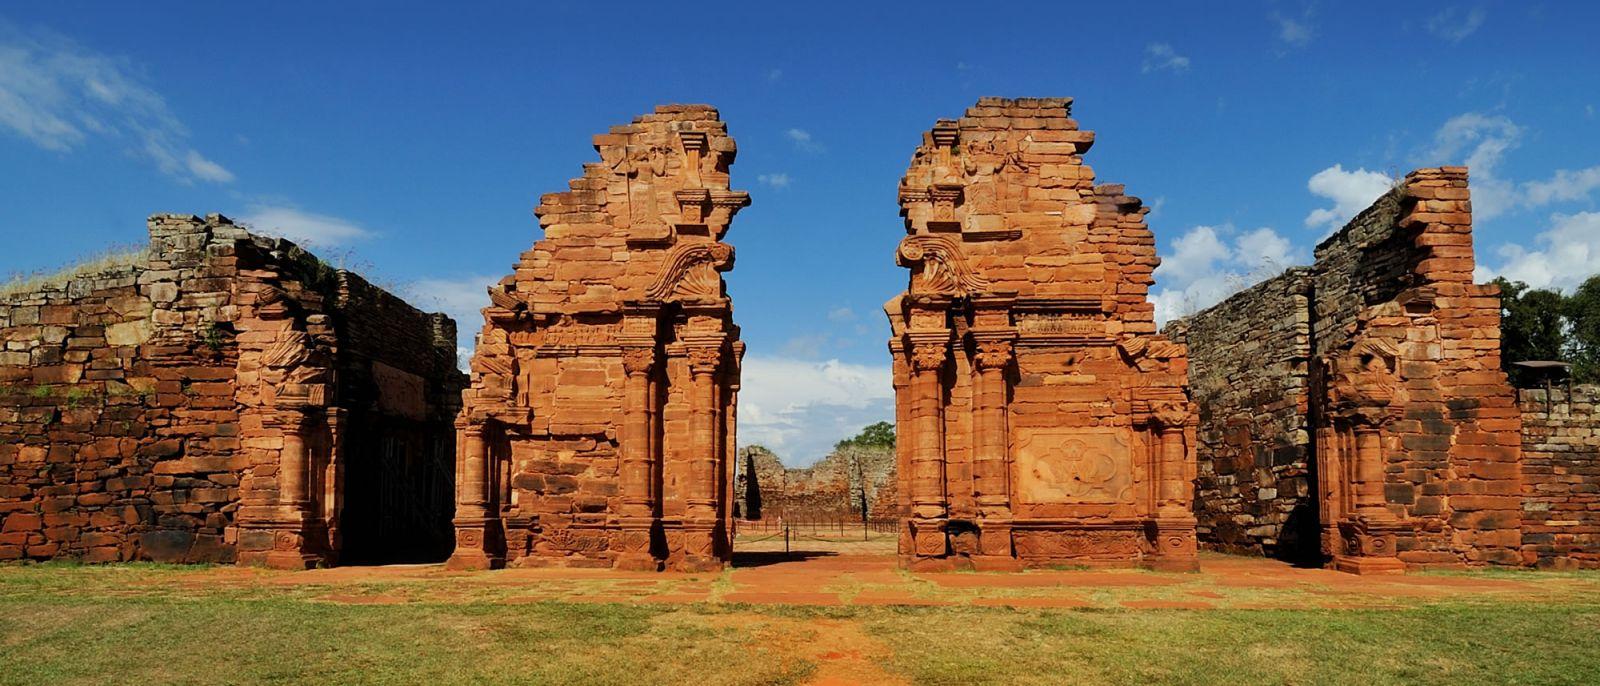 Sitios arqueológicos increíbles de América Latina